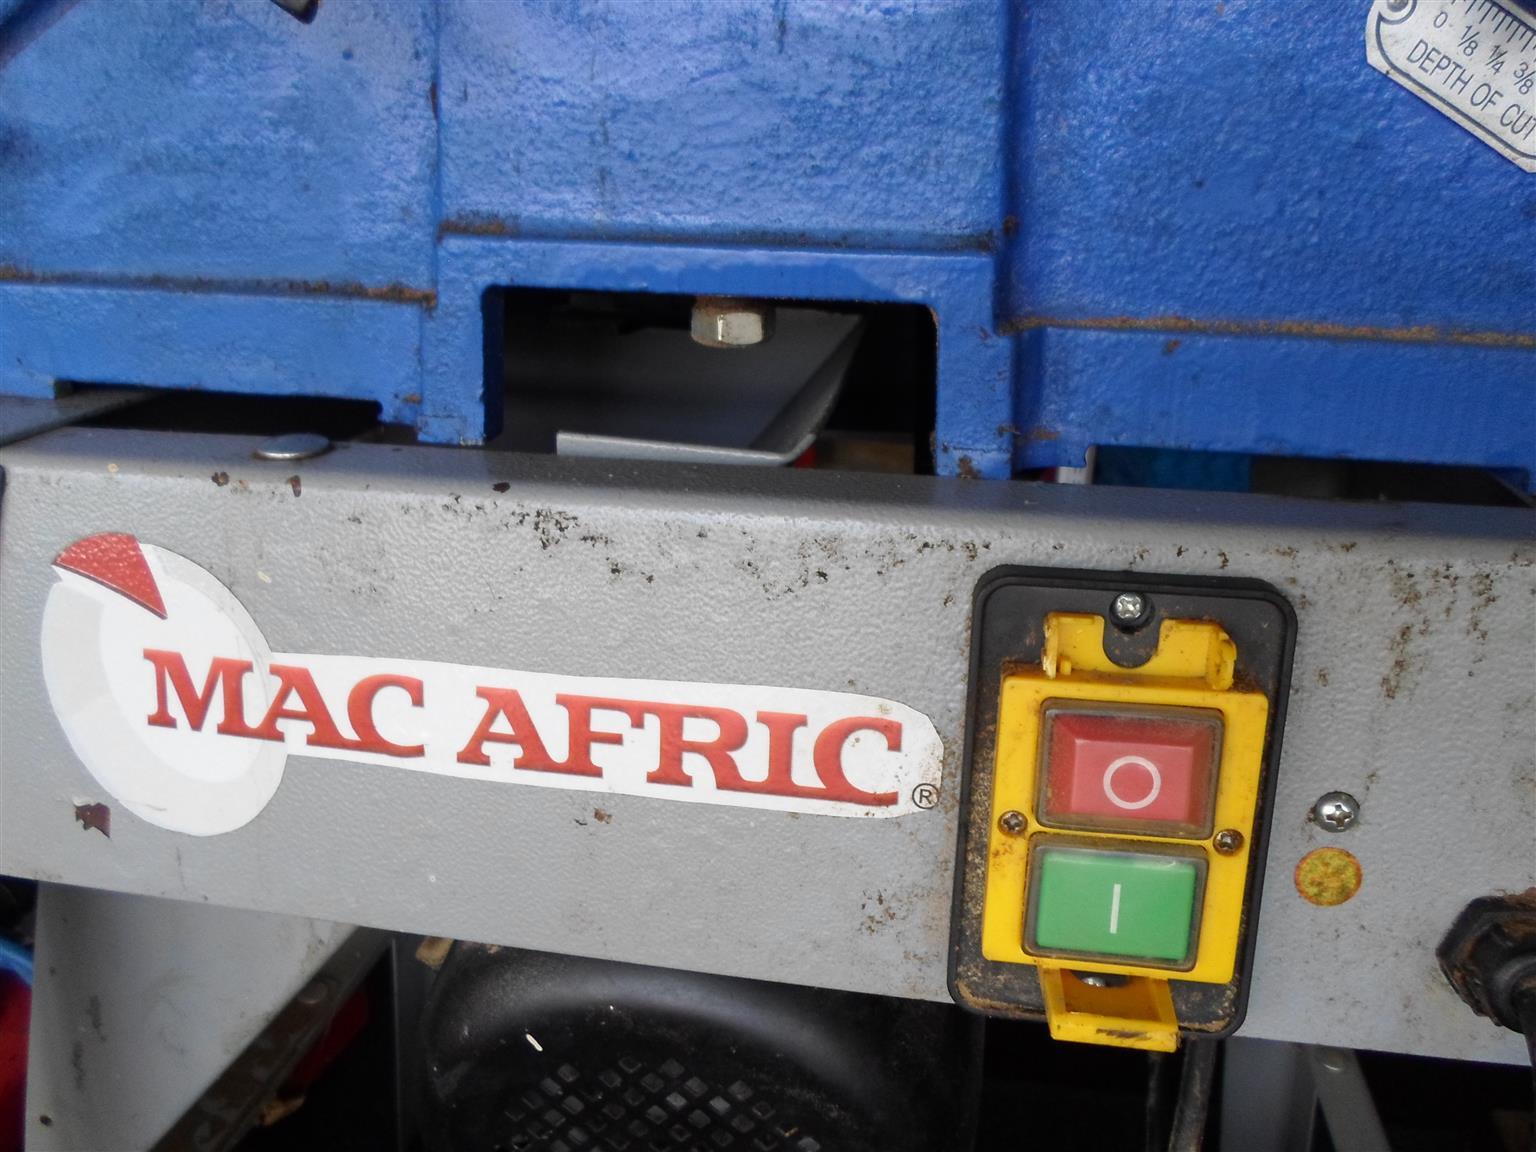 Mac Afric Planer